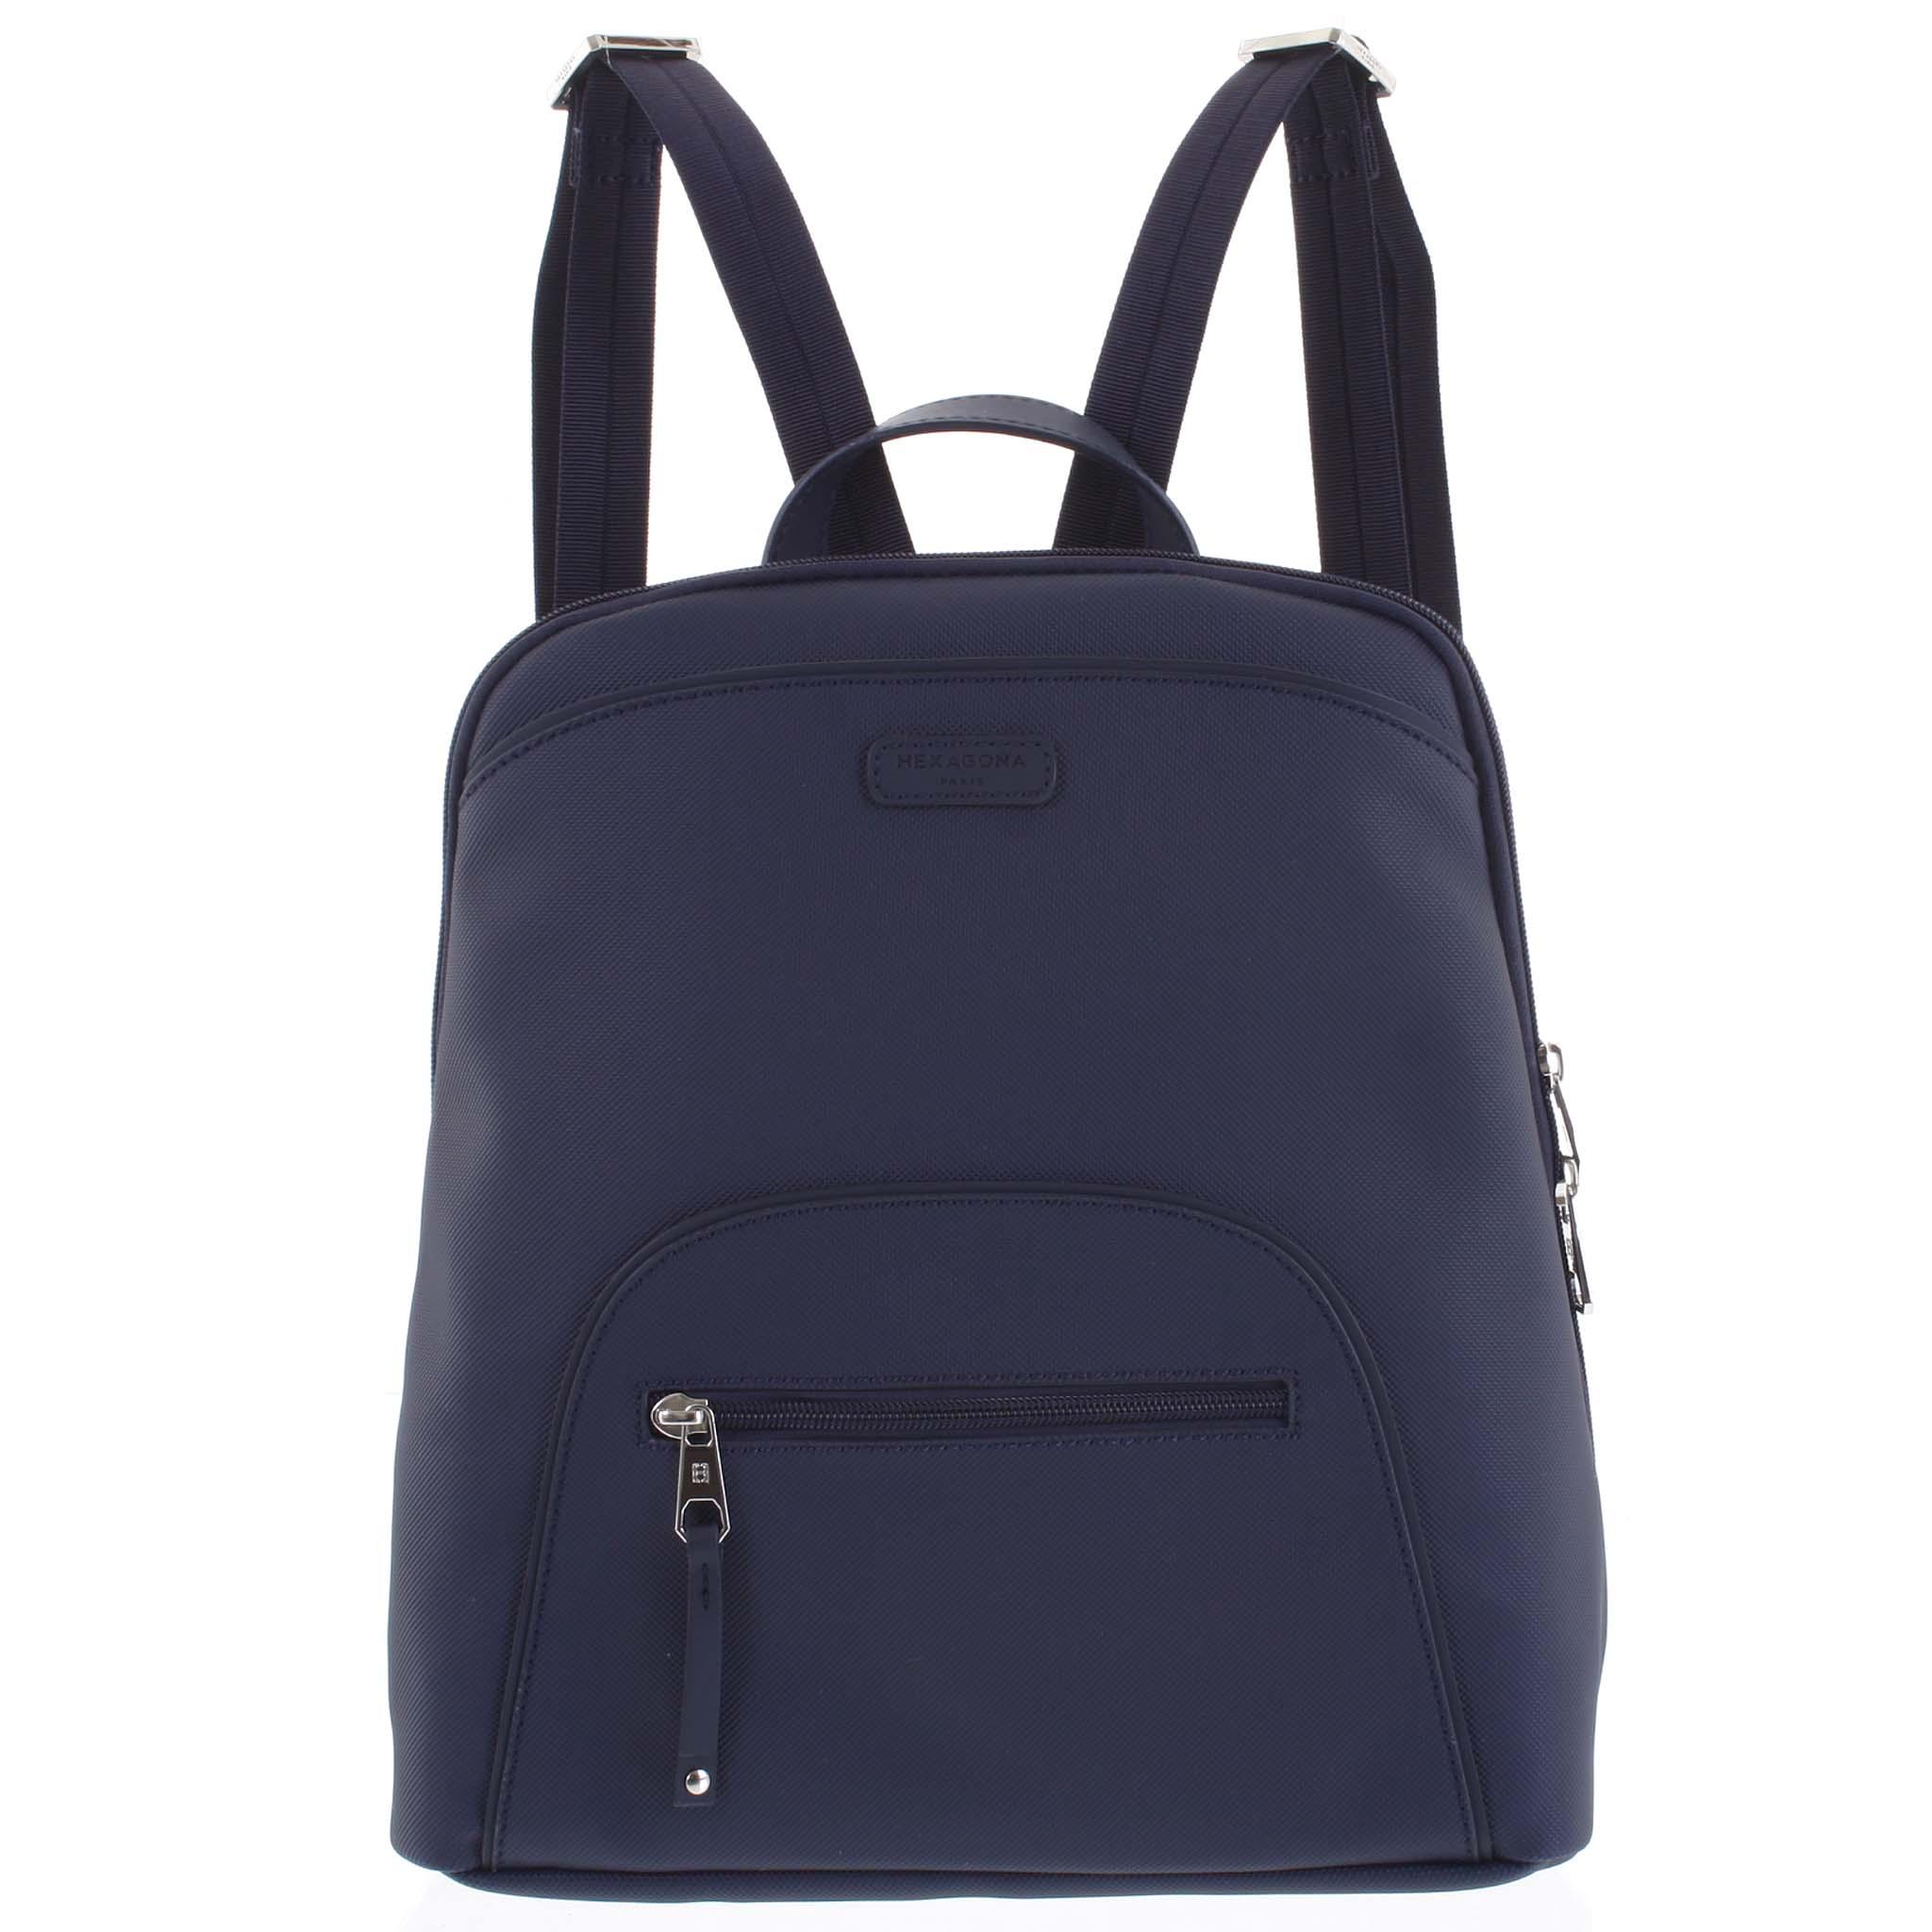 Dámský batoh tmavě modrý - Hexagona Smalmer